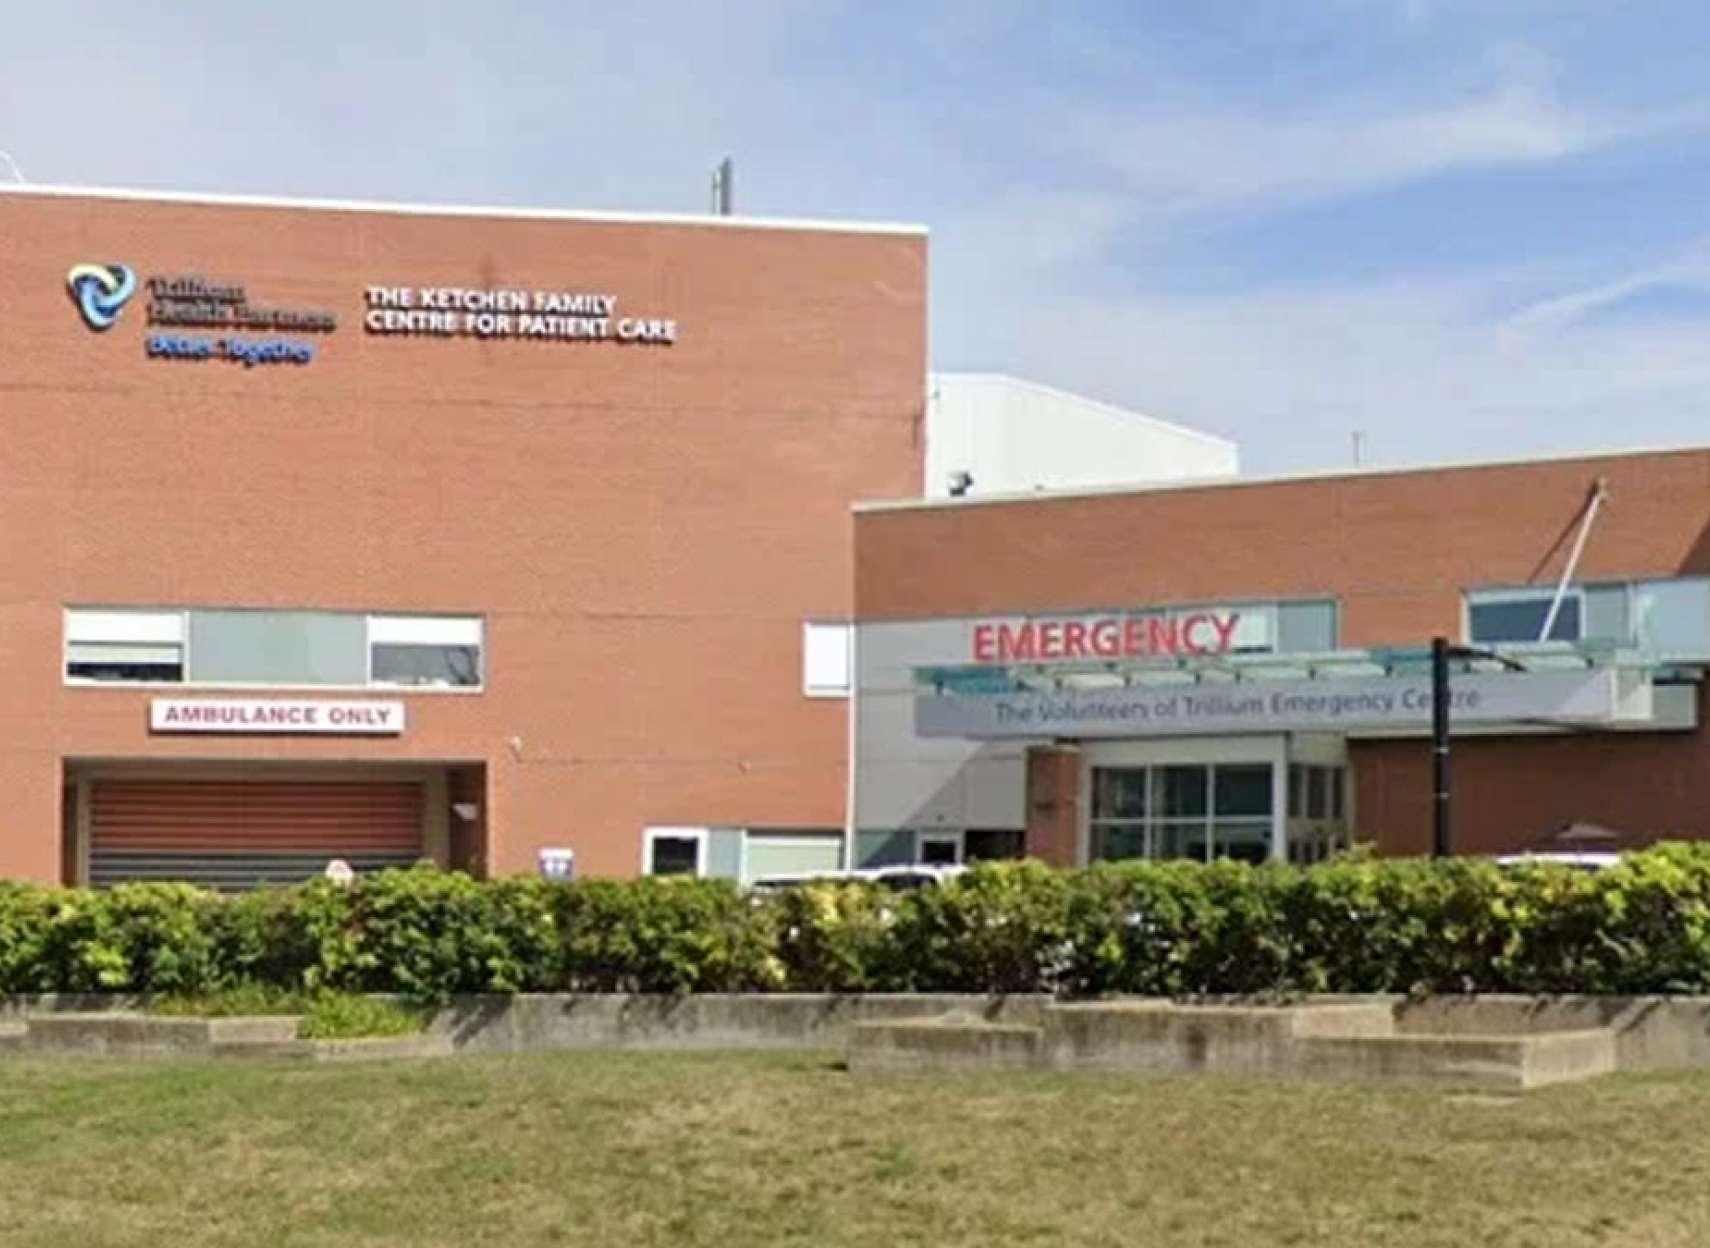 اخبار-تورنتو-کمبود-اکسیژن-در-دومین-بیمارستان-تورنتو-کمبود-خون-در-بانک-خون